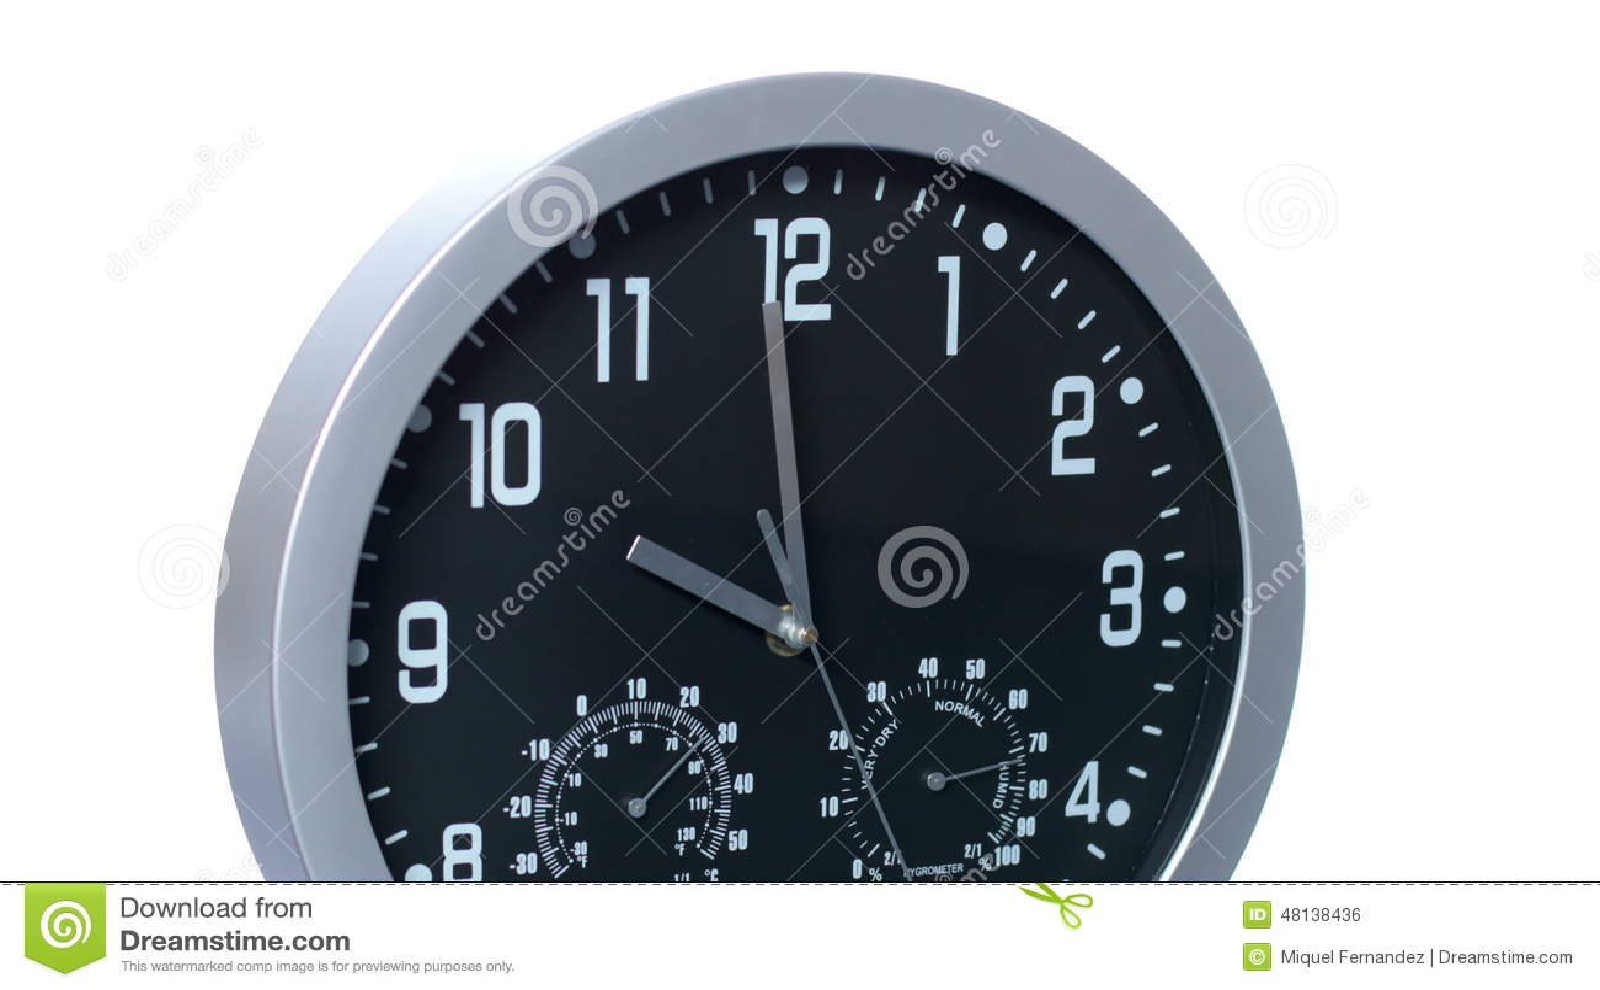 Finito Acelerado 4k Vídeo De Reloj Tiempo Metrajes Rápido 8PkZNOnX0w